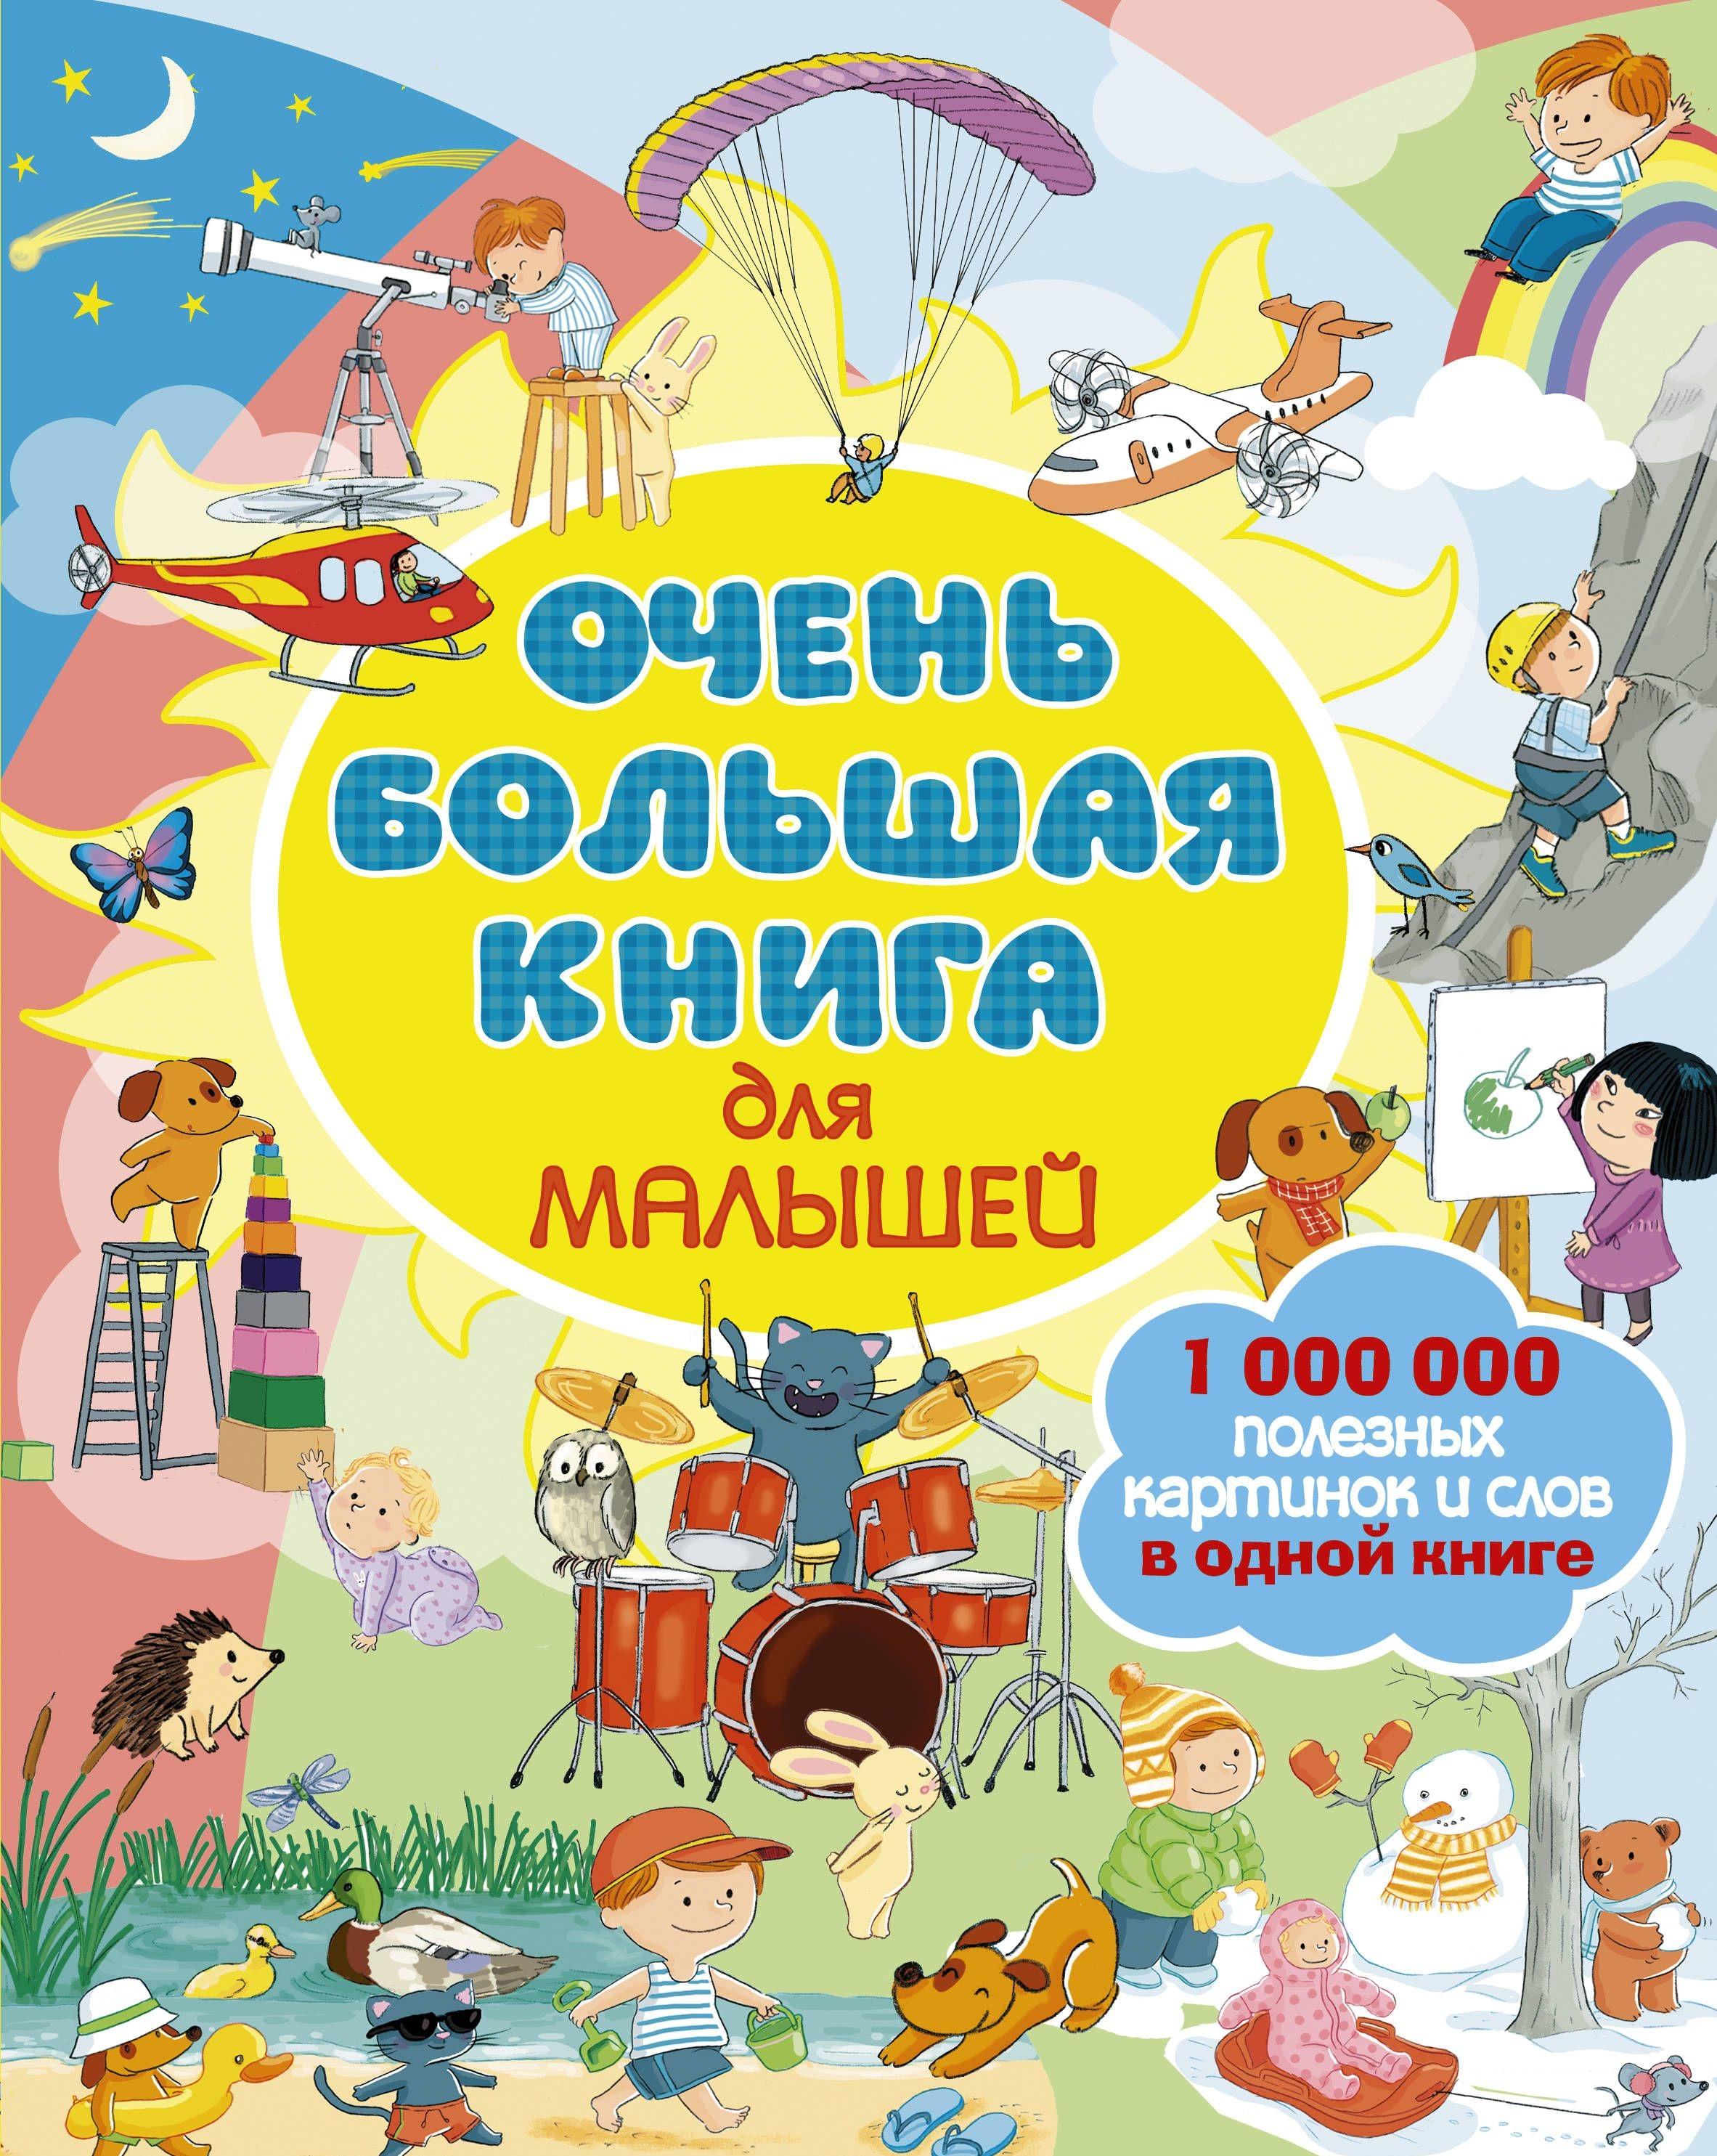 Купить Очень большая книга для малышей, Татьяна Гавердовская, 978-5-17-105261-4